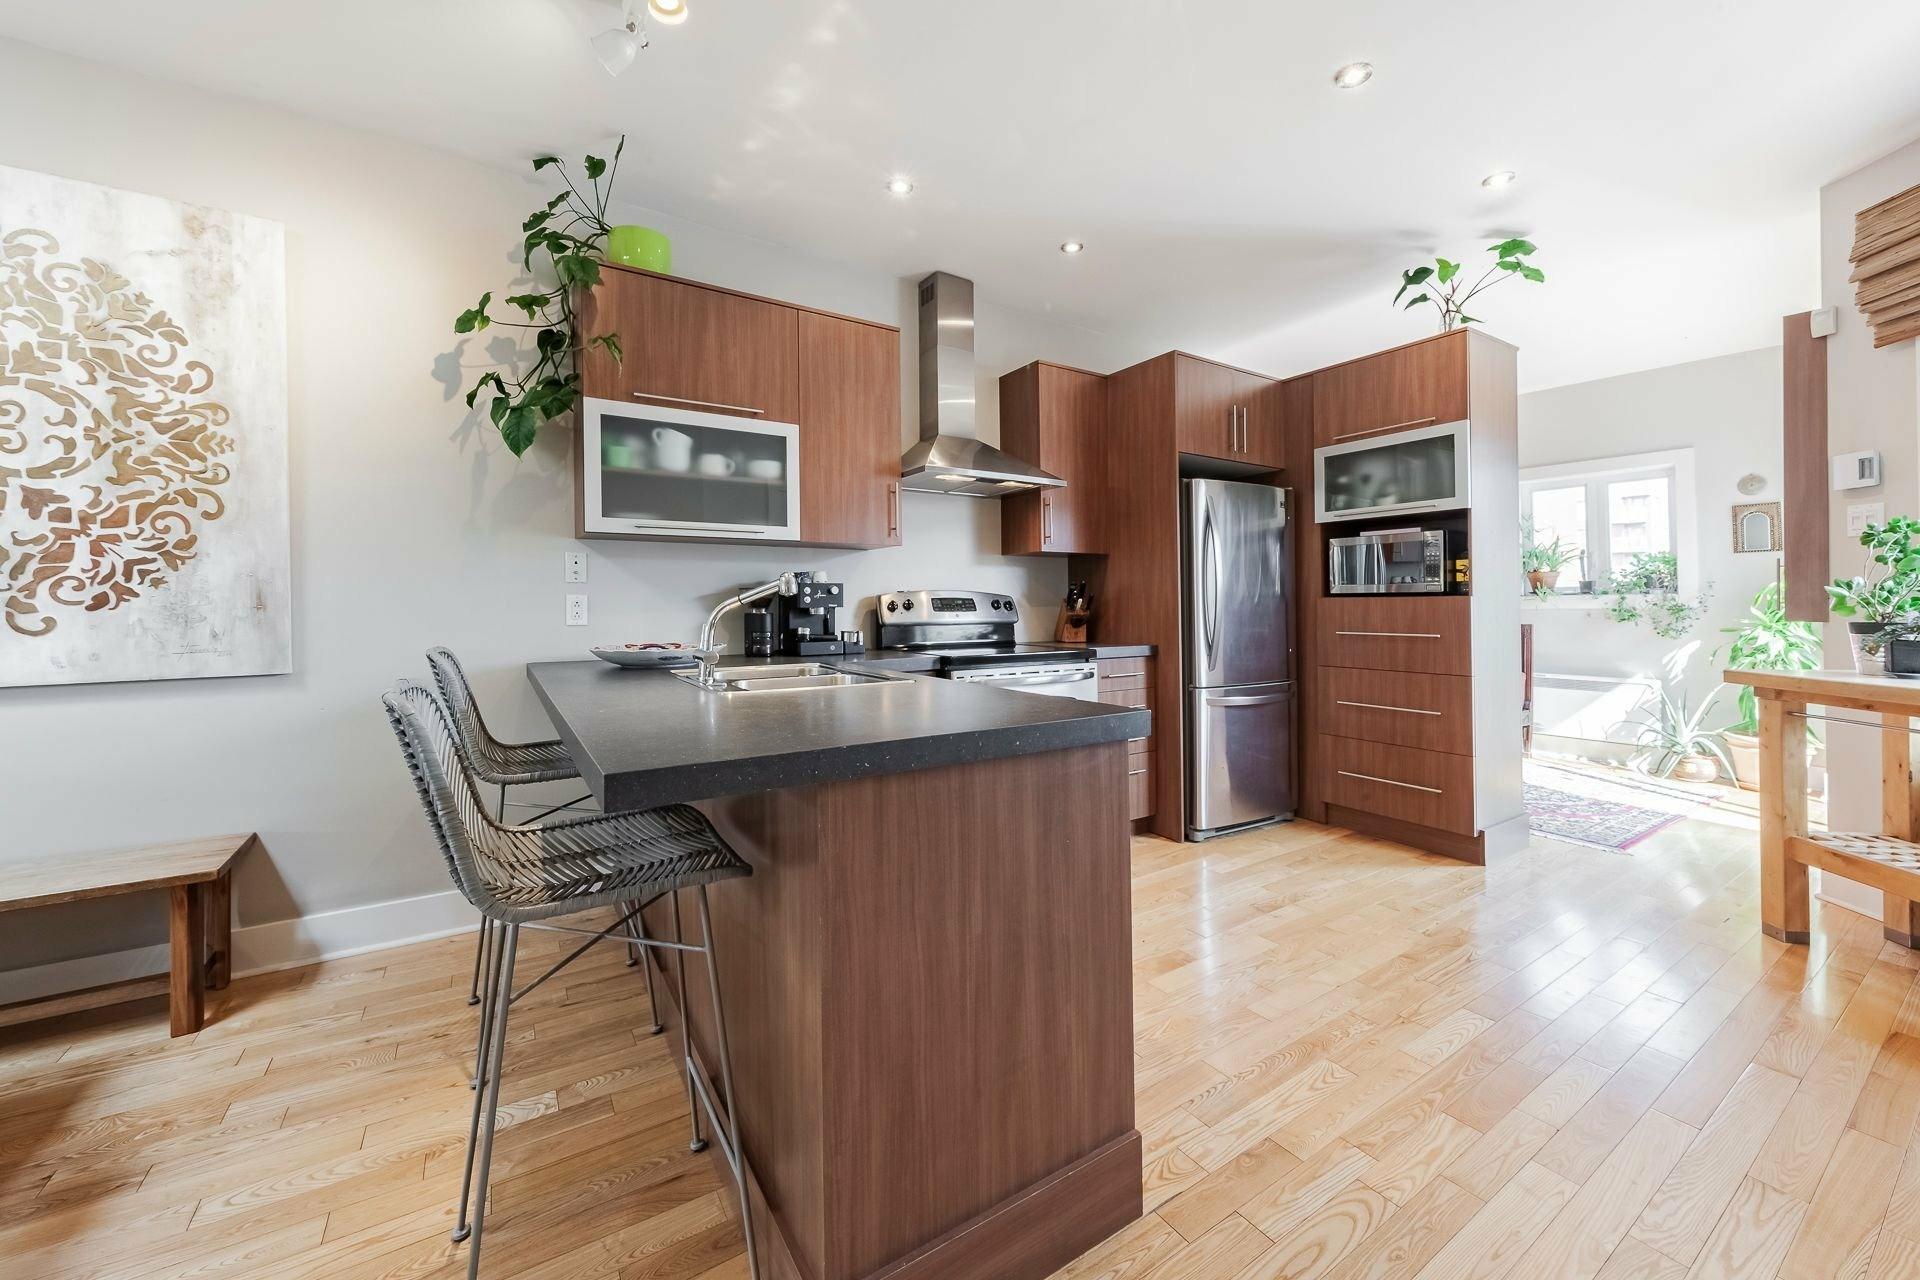 image 5 - Appartement À vendre Rosemont/La Petite-Patrie Montréal  - 7 pièces